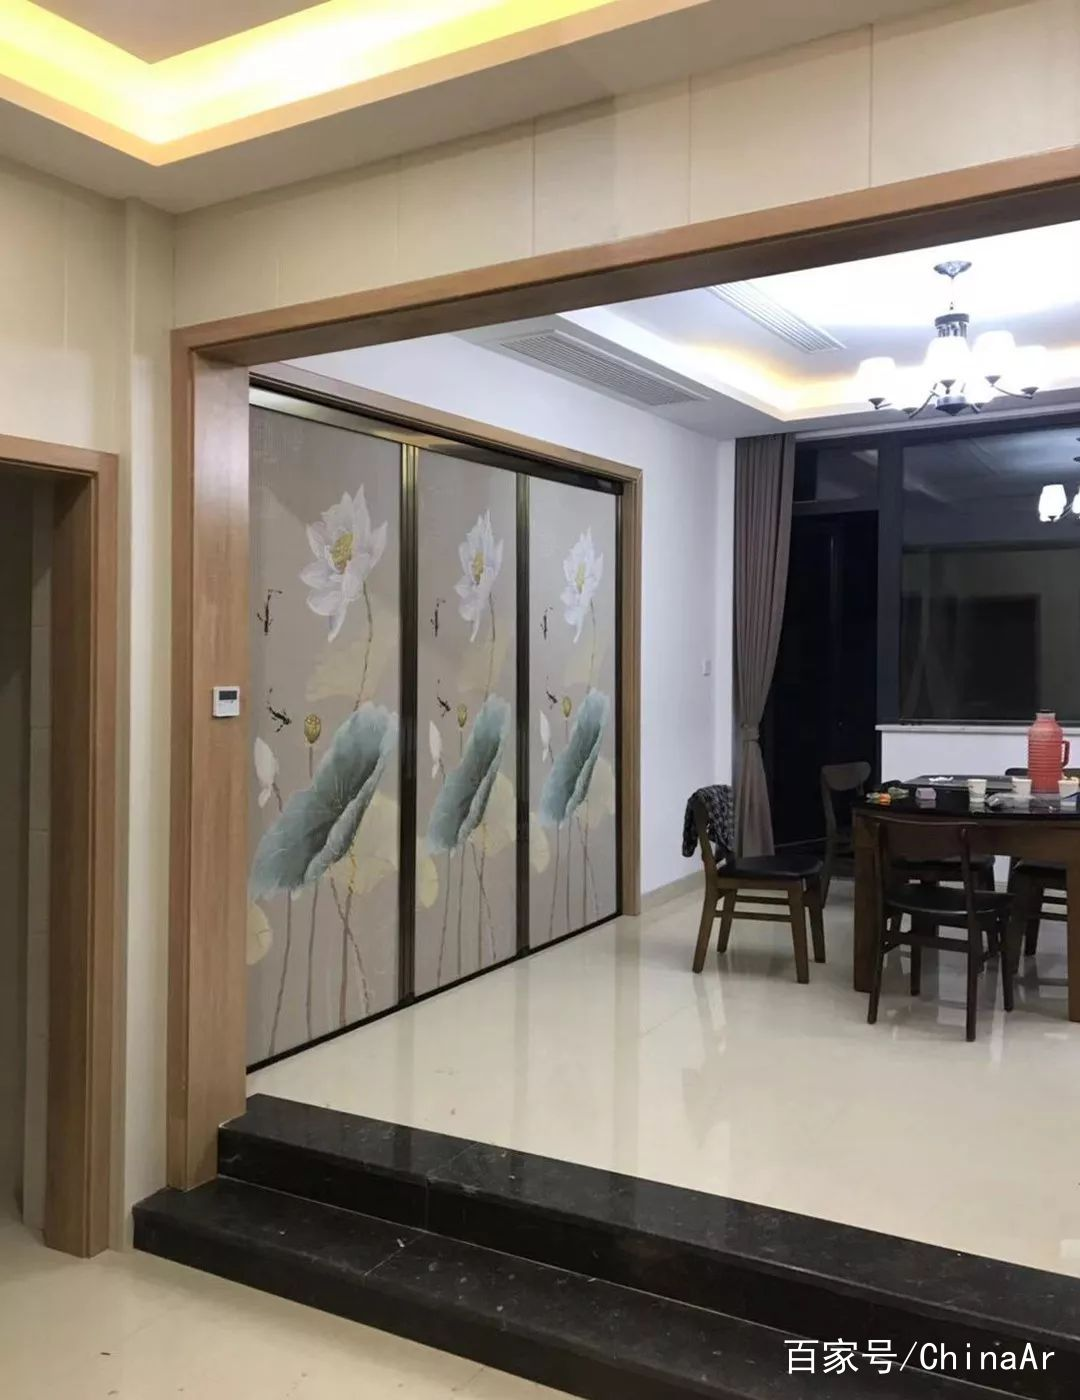 苏州张家港区域房屋与宅基地租赁或合作 头条 第20张